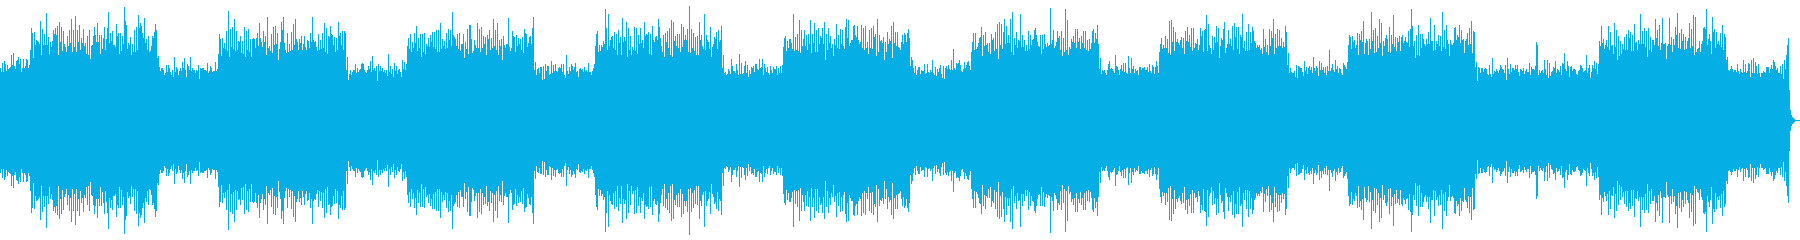 製品紹介、CM、コンセプトムービーの再生済みの波形